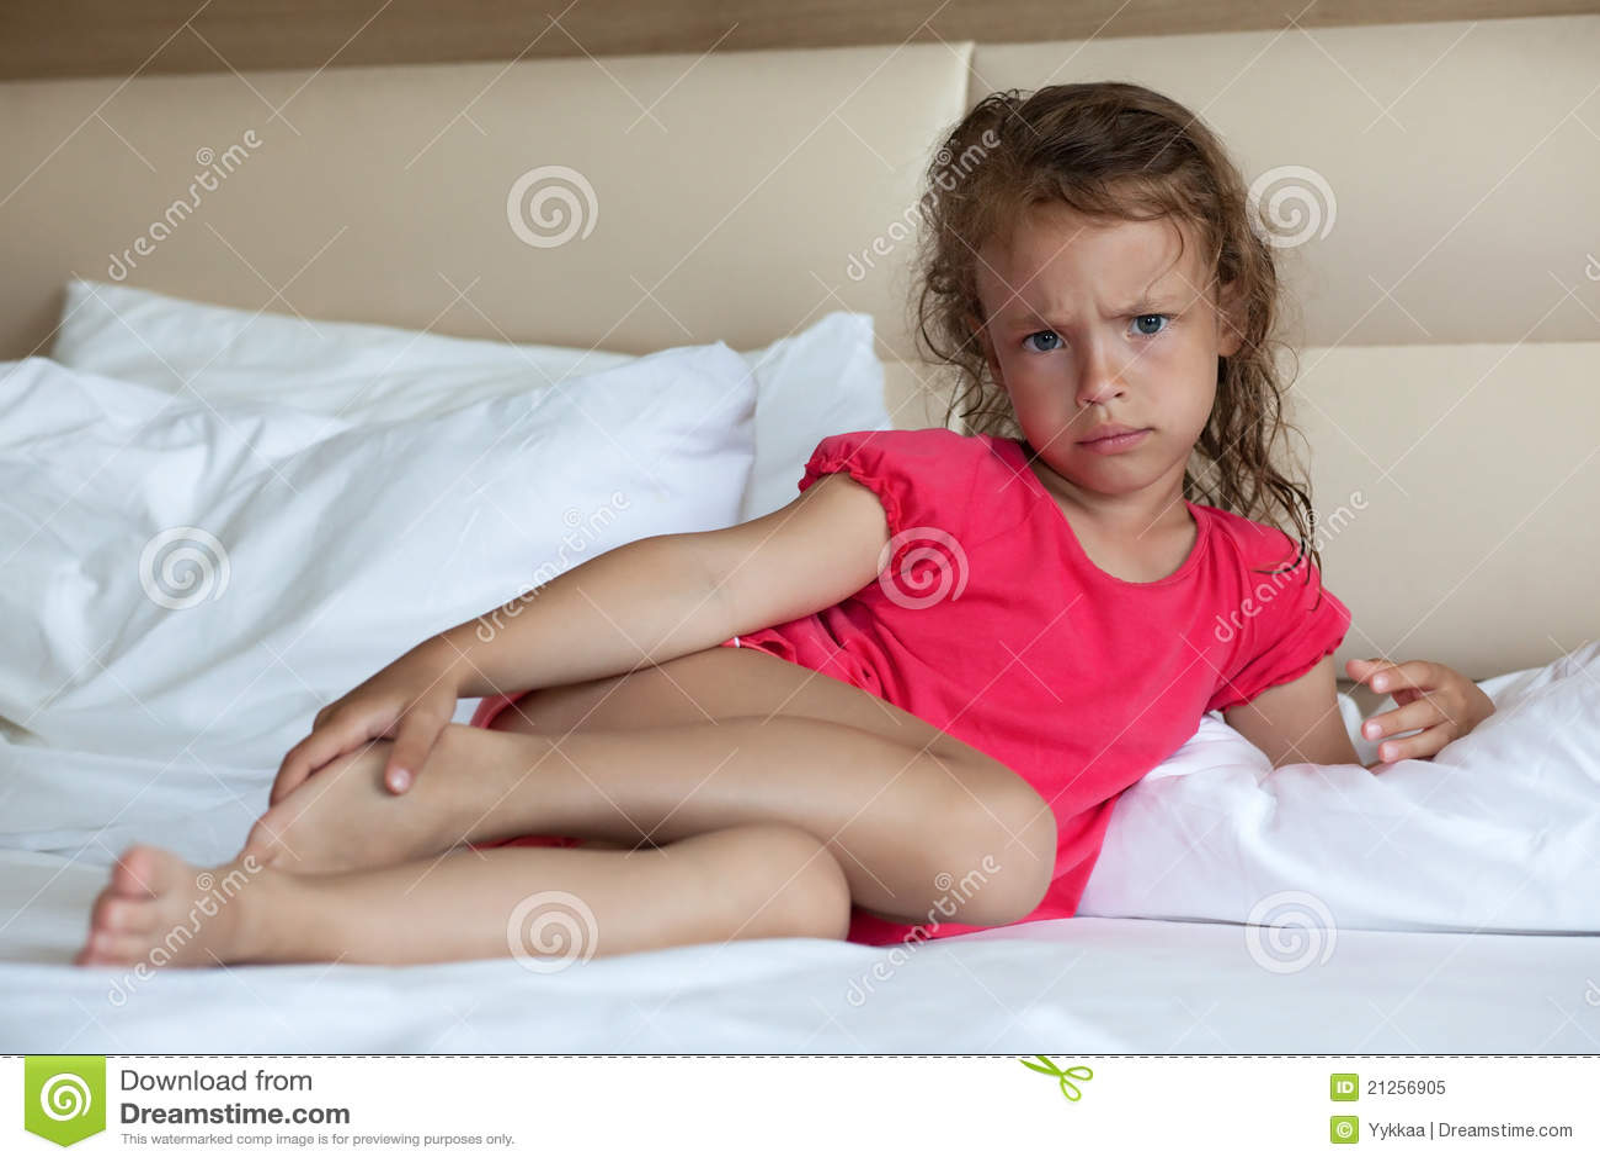 Трахают девочек в сауне 17 фотография